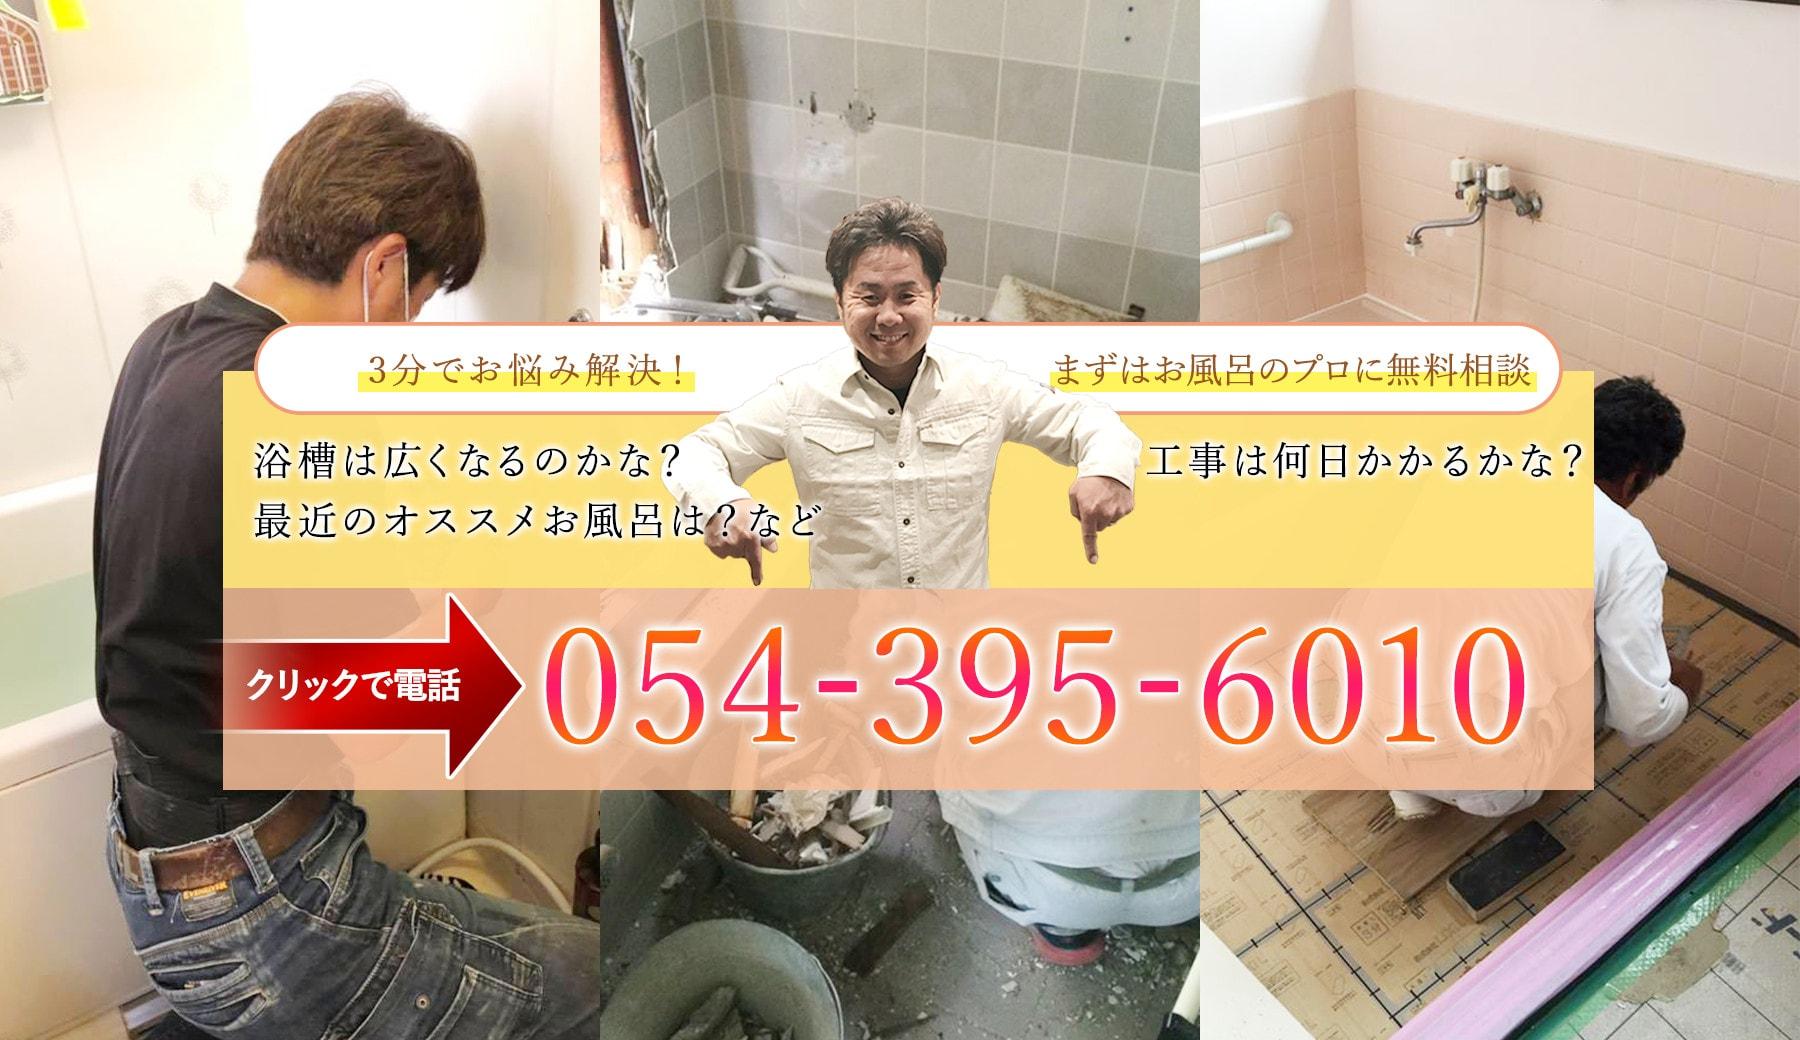 3分でお悩み解決!まずはお風呂のプロに無料相談。浴槽は広くなるのかな? 工事は何日かかるかな?最近のオススメお風呂は?などクリックで電話054-395-6010